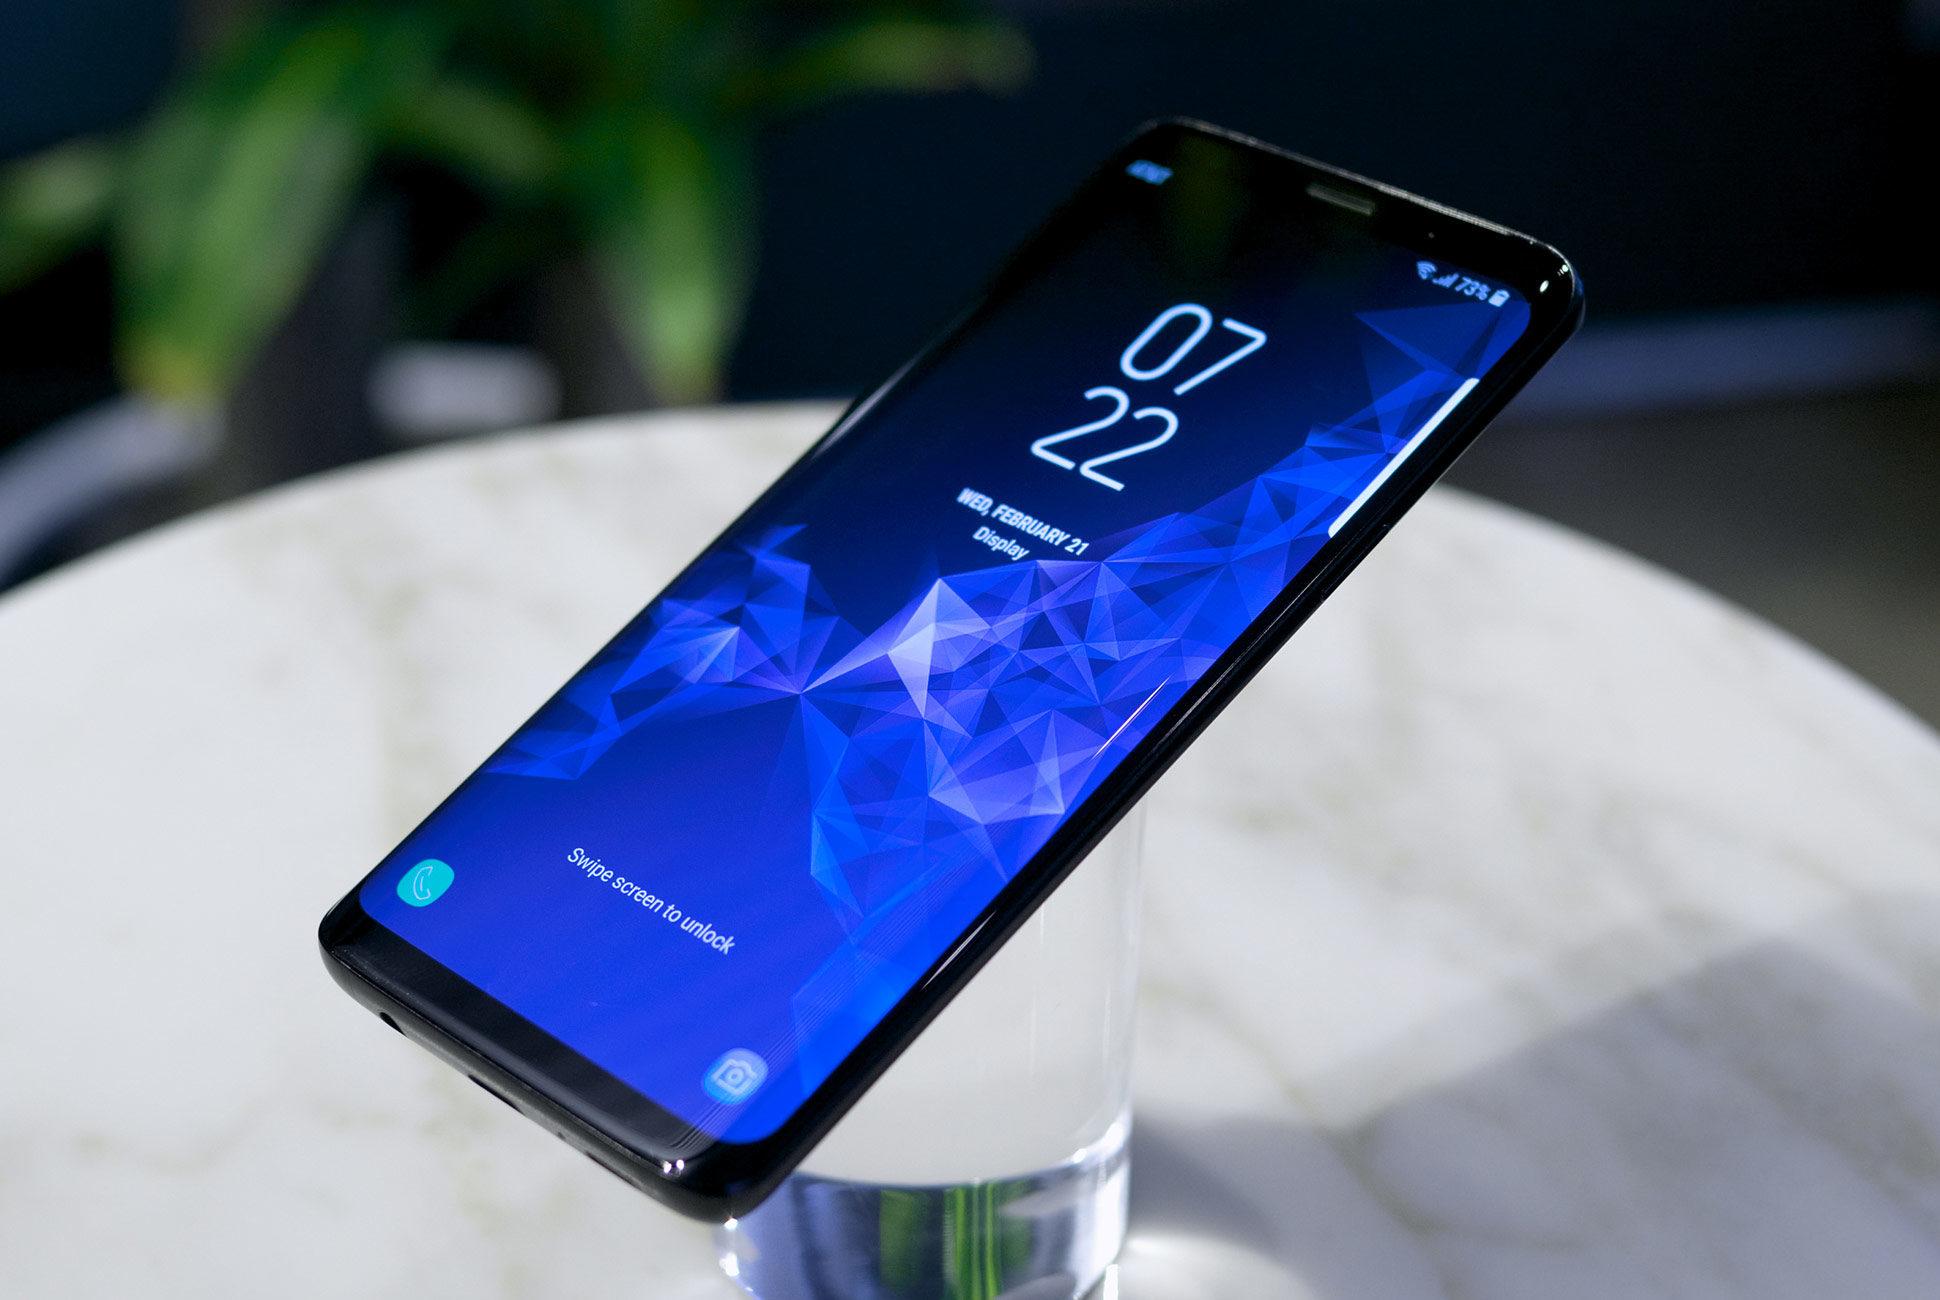 هذه هي أفضل الهواتف الذكية على مستوى الشاشات المتميزة لعام 2018